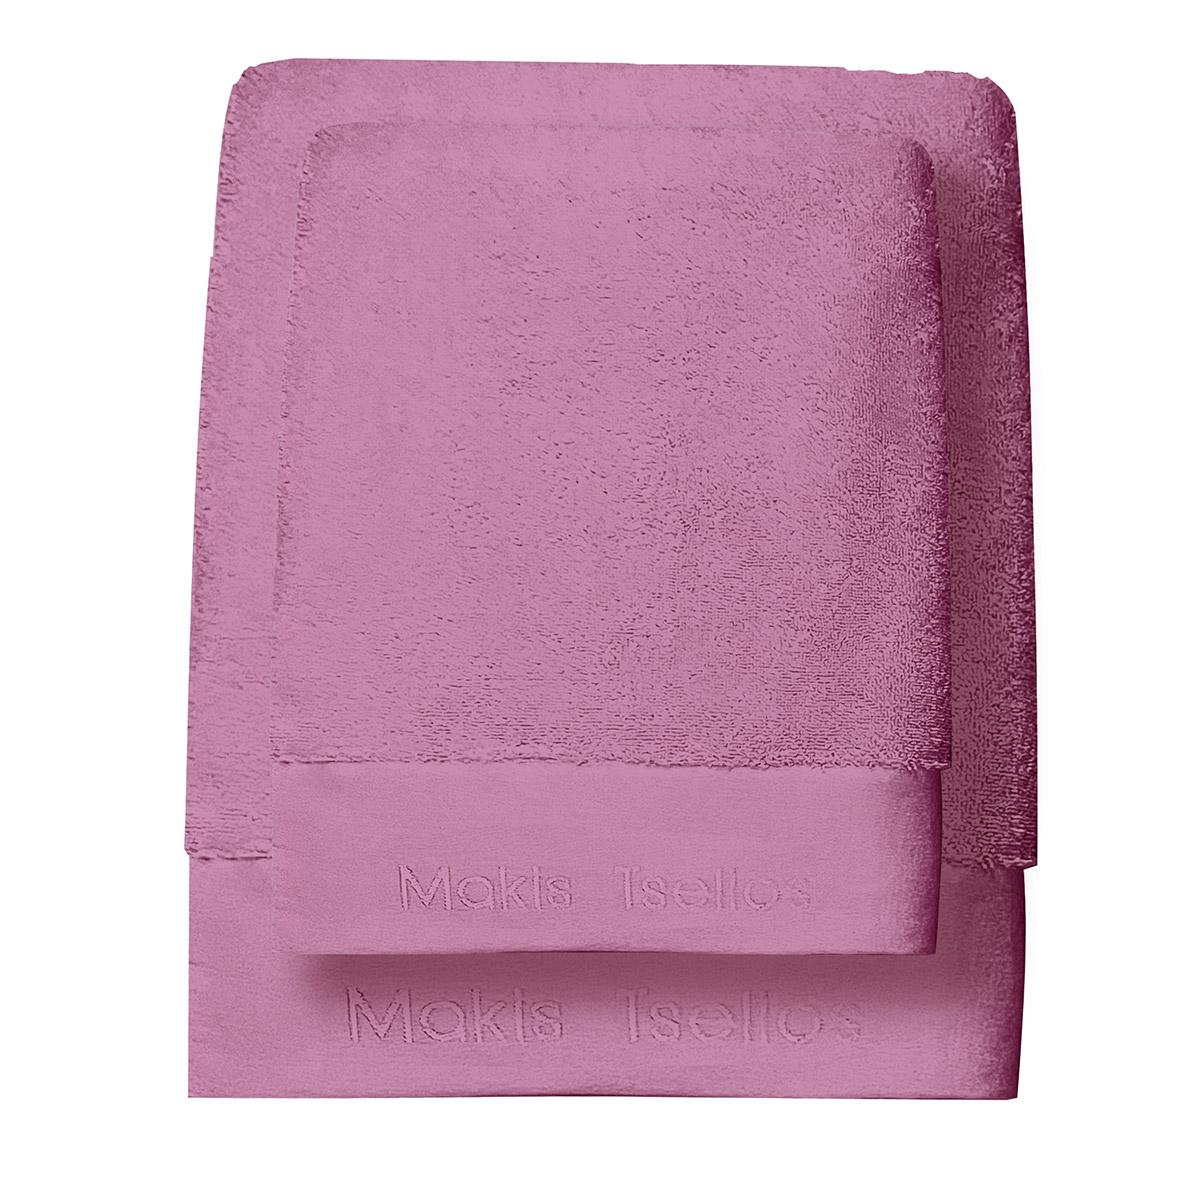 Πετσέτες Μπάνιου (Σετ 3τμχ) Makis Tselios Feel 10 Lavender